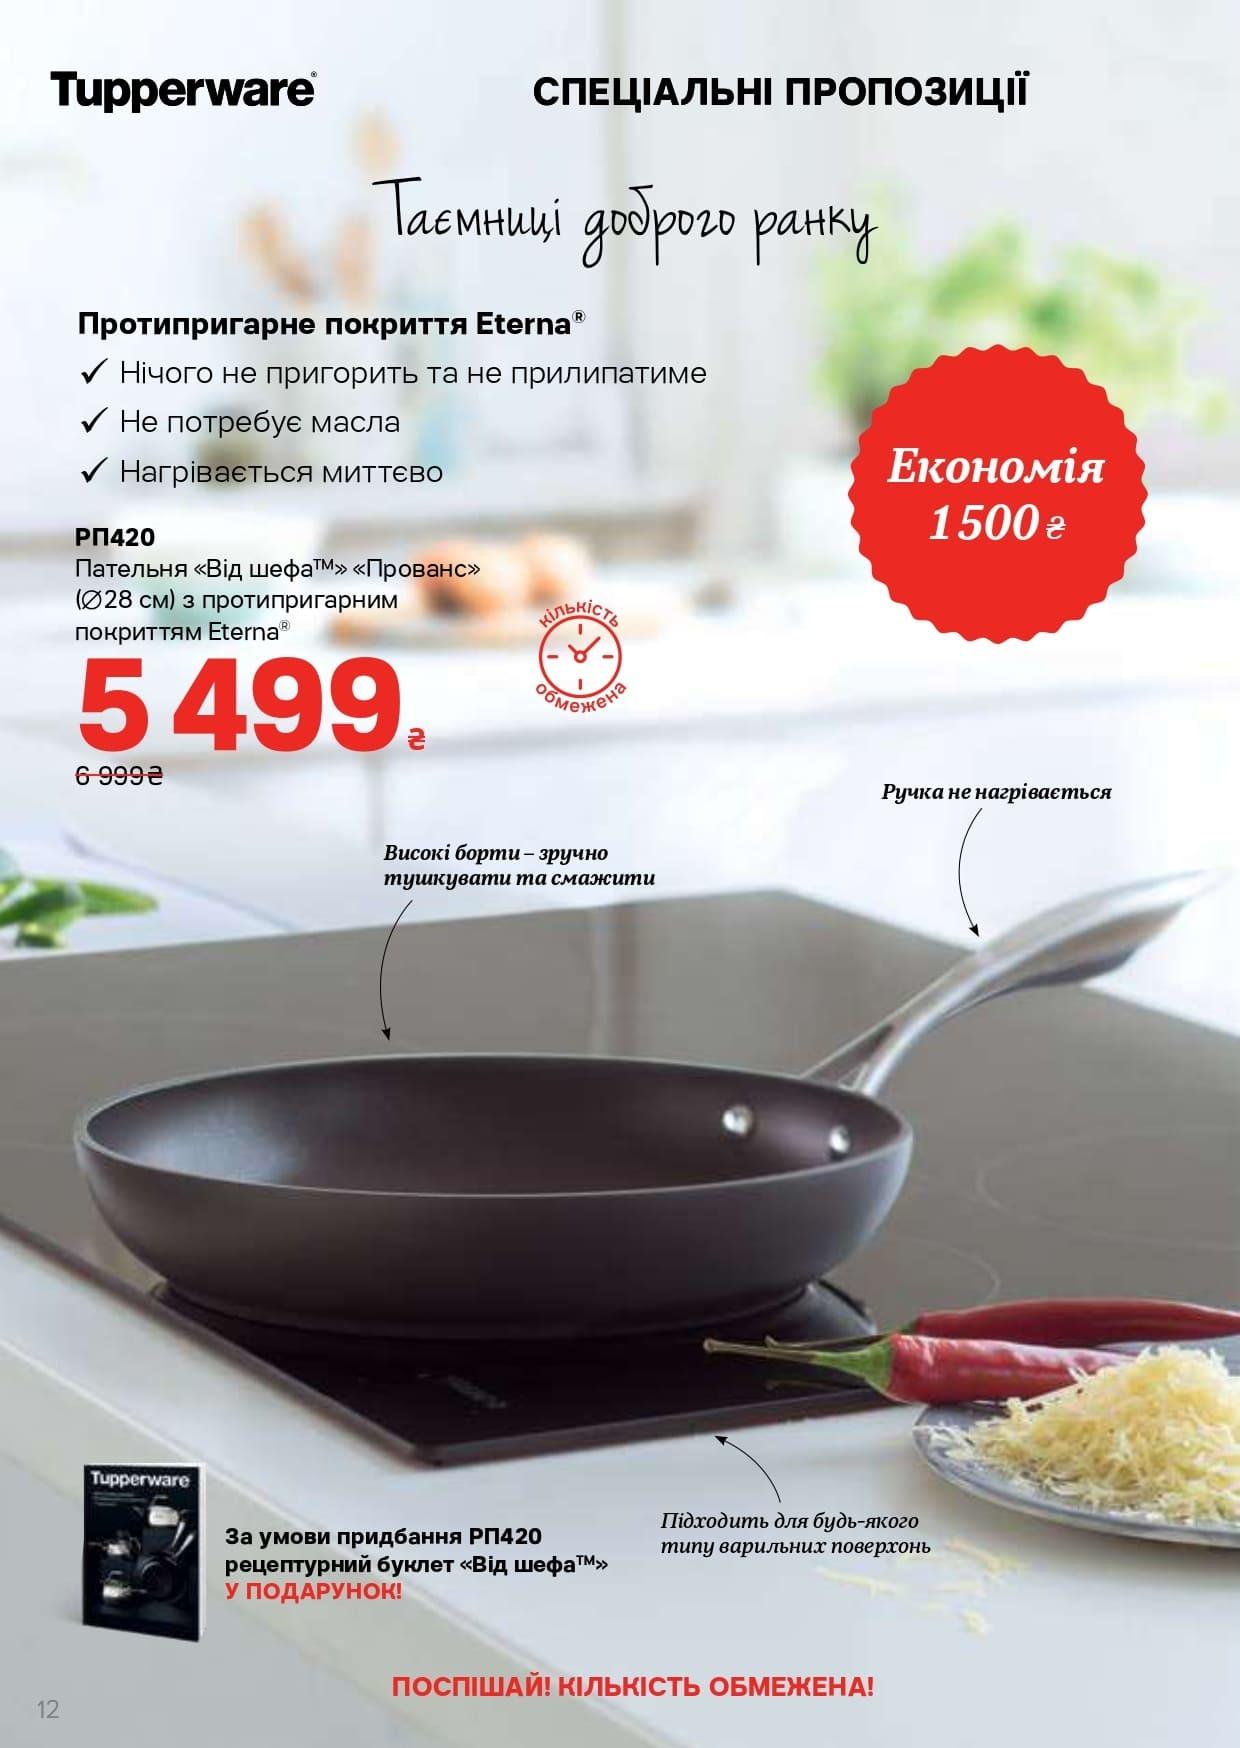 Сковорода От шефа ™ серии Прованс (28 см) с антипригарным покрытием Eterna.